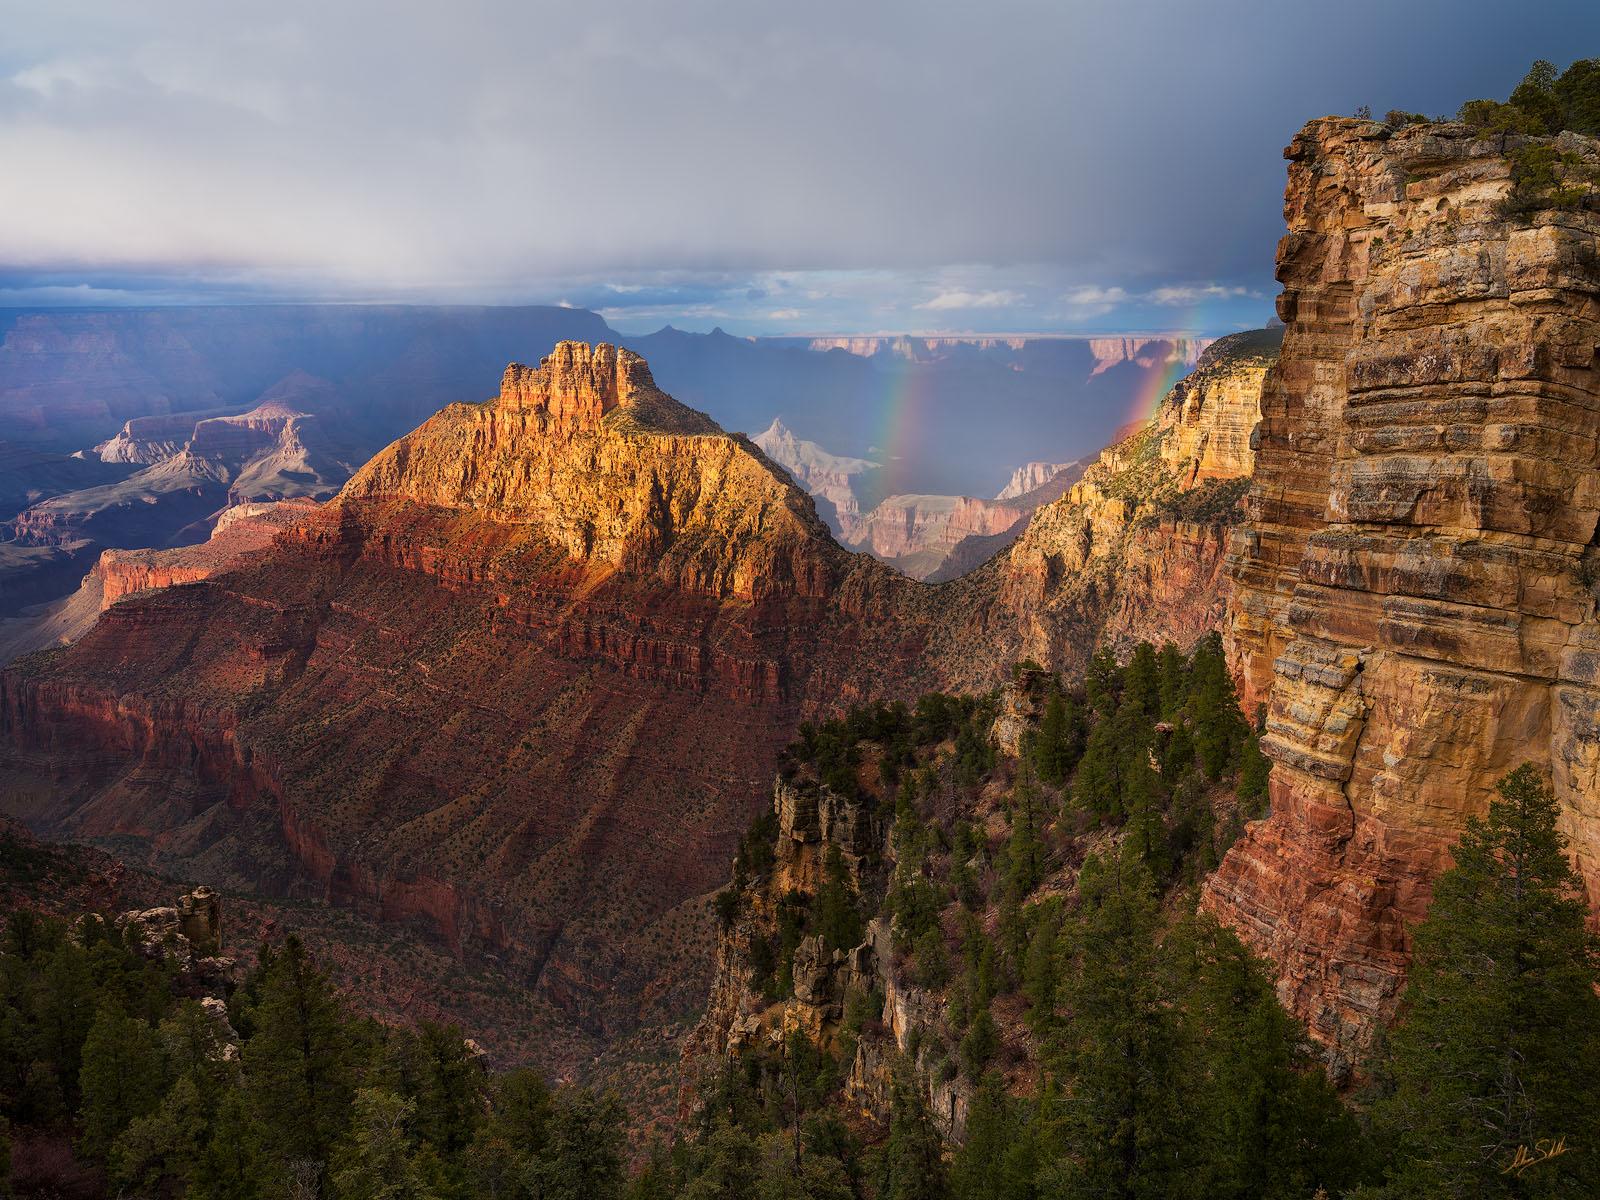 AZ, Arizona, Colorado River, Conquistador, Coronado Butte, Europeans, Expedition, Francisco Vázquez de Coronado, Grand Canyon, National Park, South Rim, photo